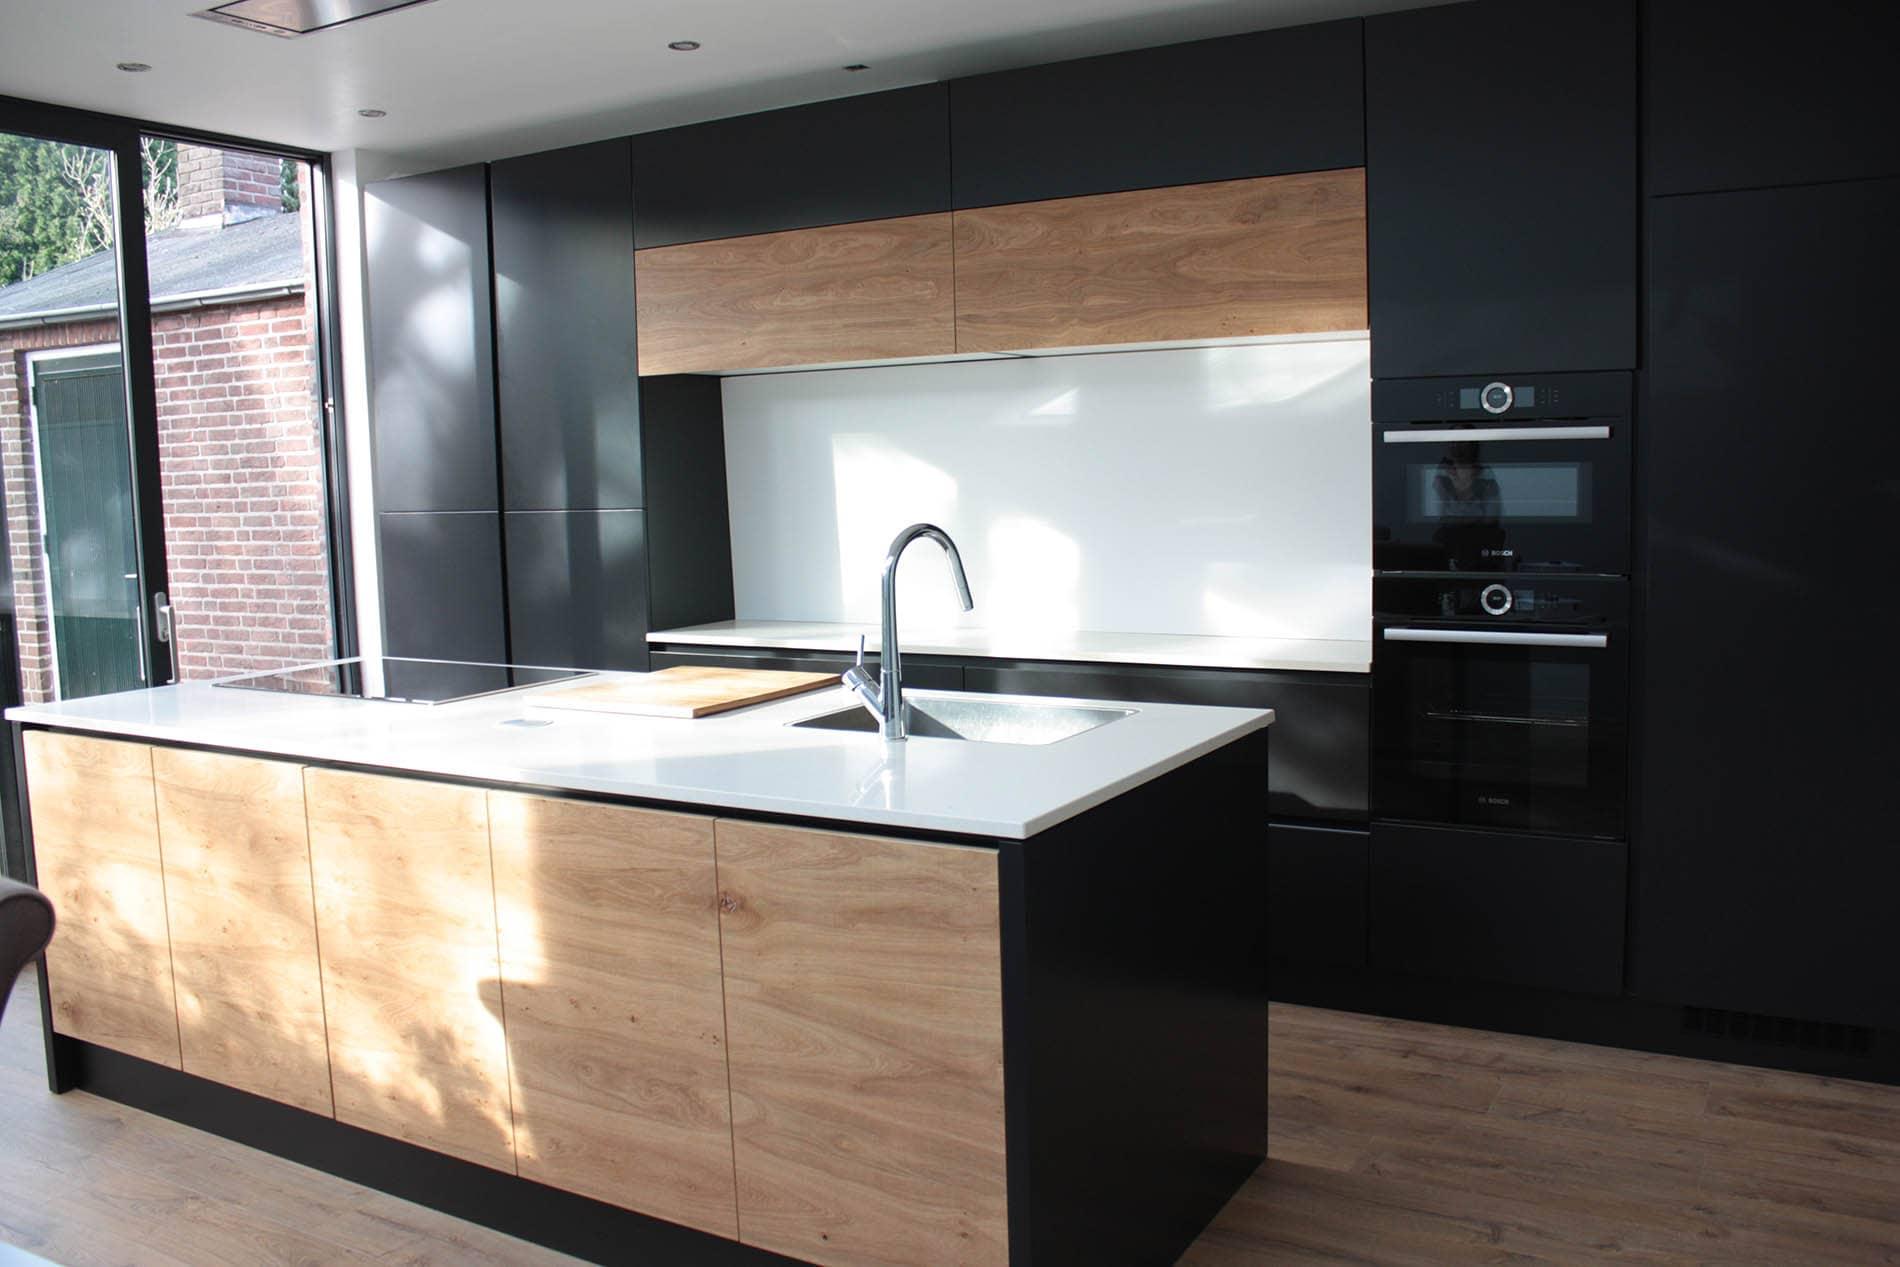 Keuken Van Antraciet : Keuken antraciet vicini design